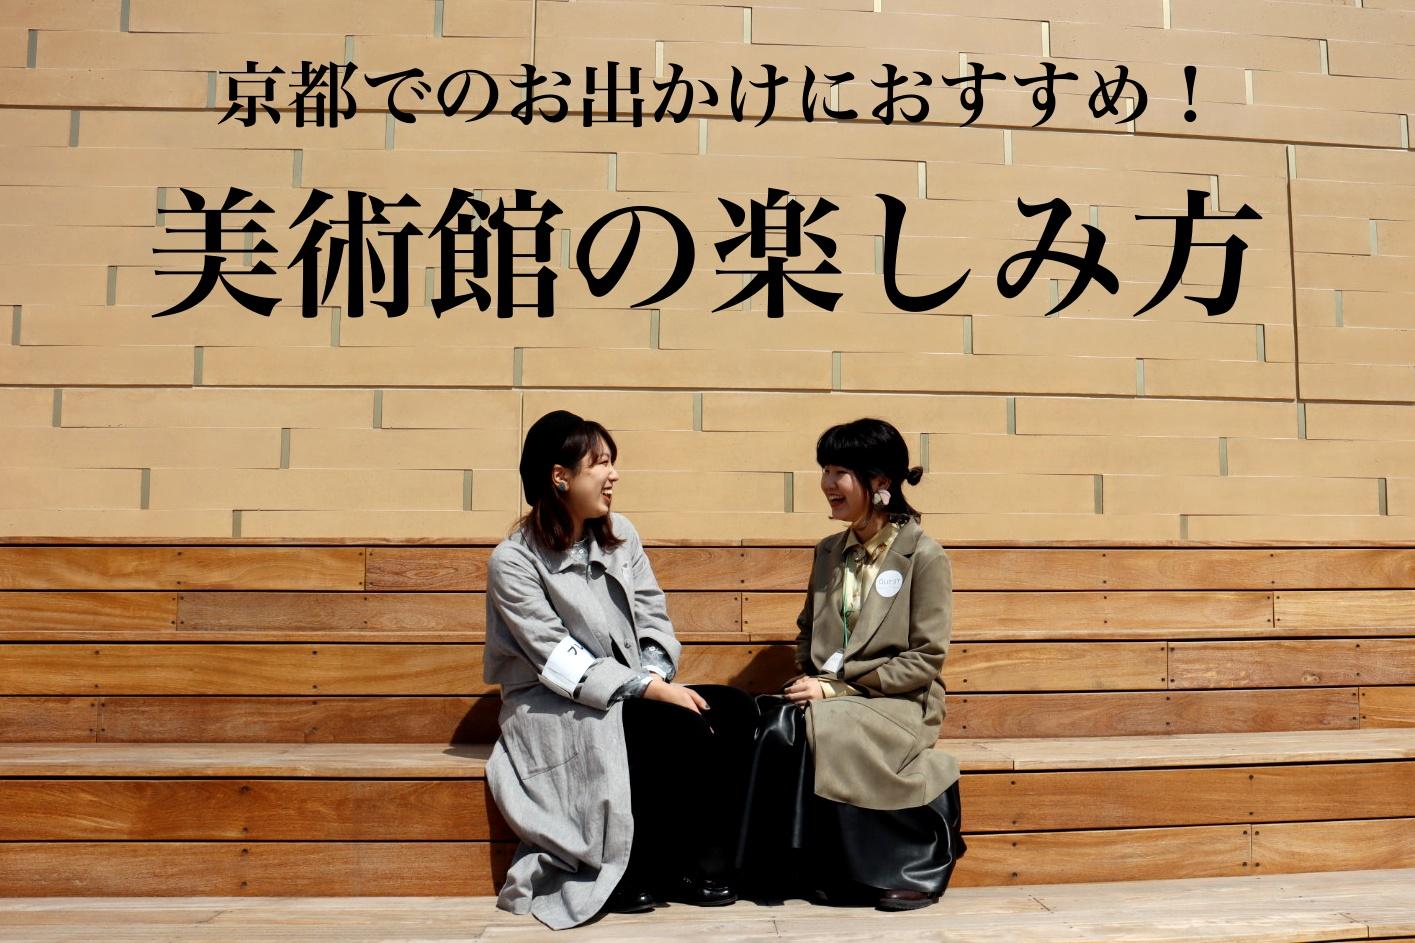 京都でのお出かけにおすすめ!美術館の楽しみ方。